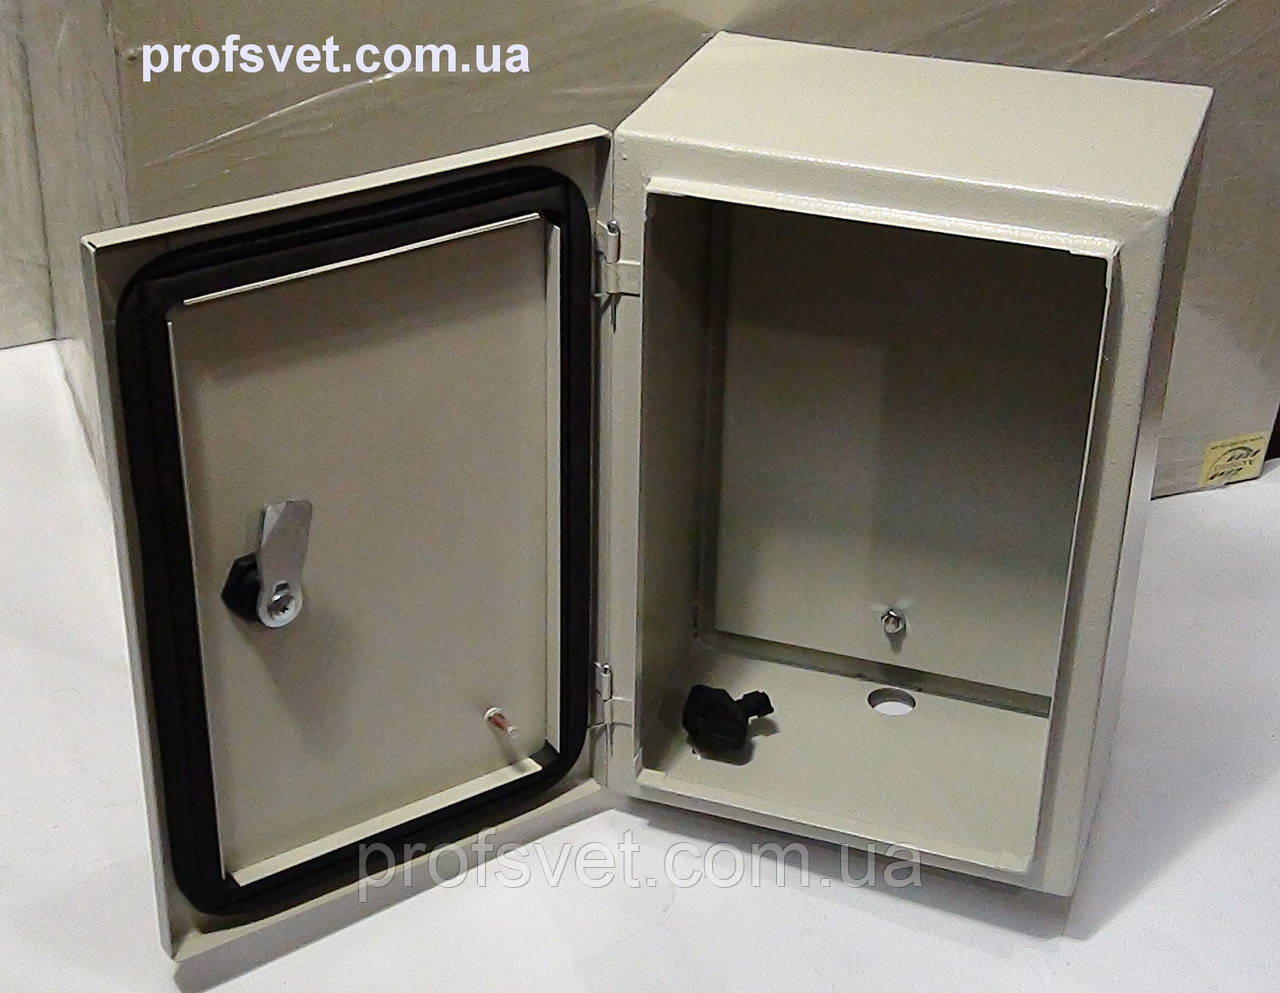 Щит металлический герметичный 200х300х150 IP54